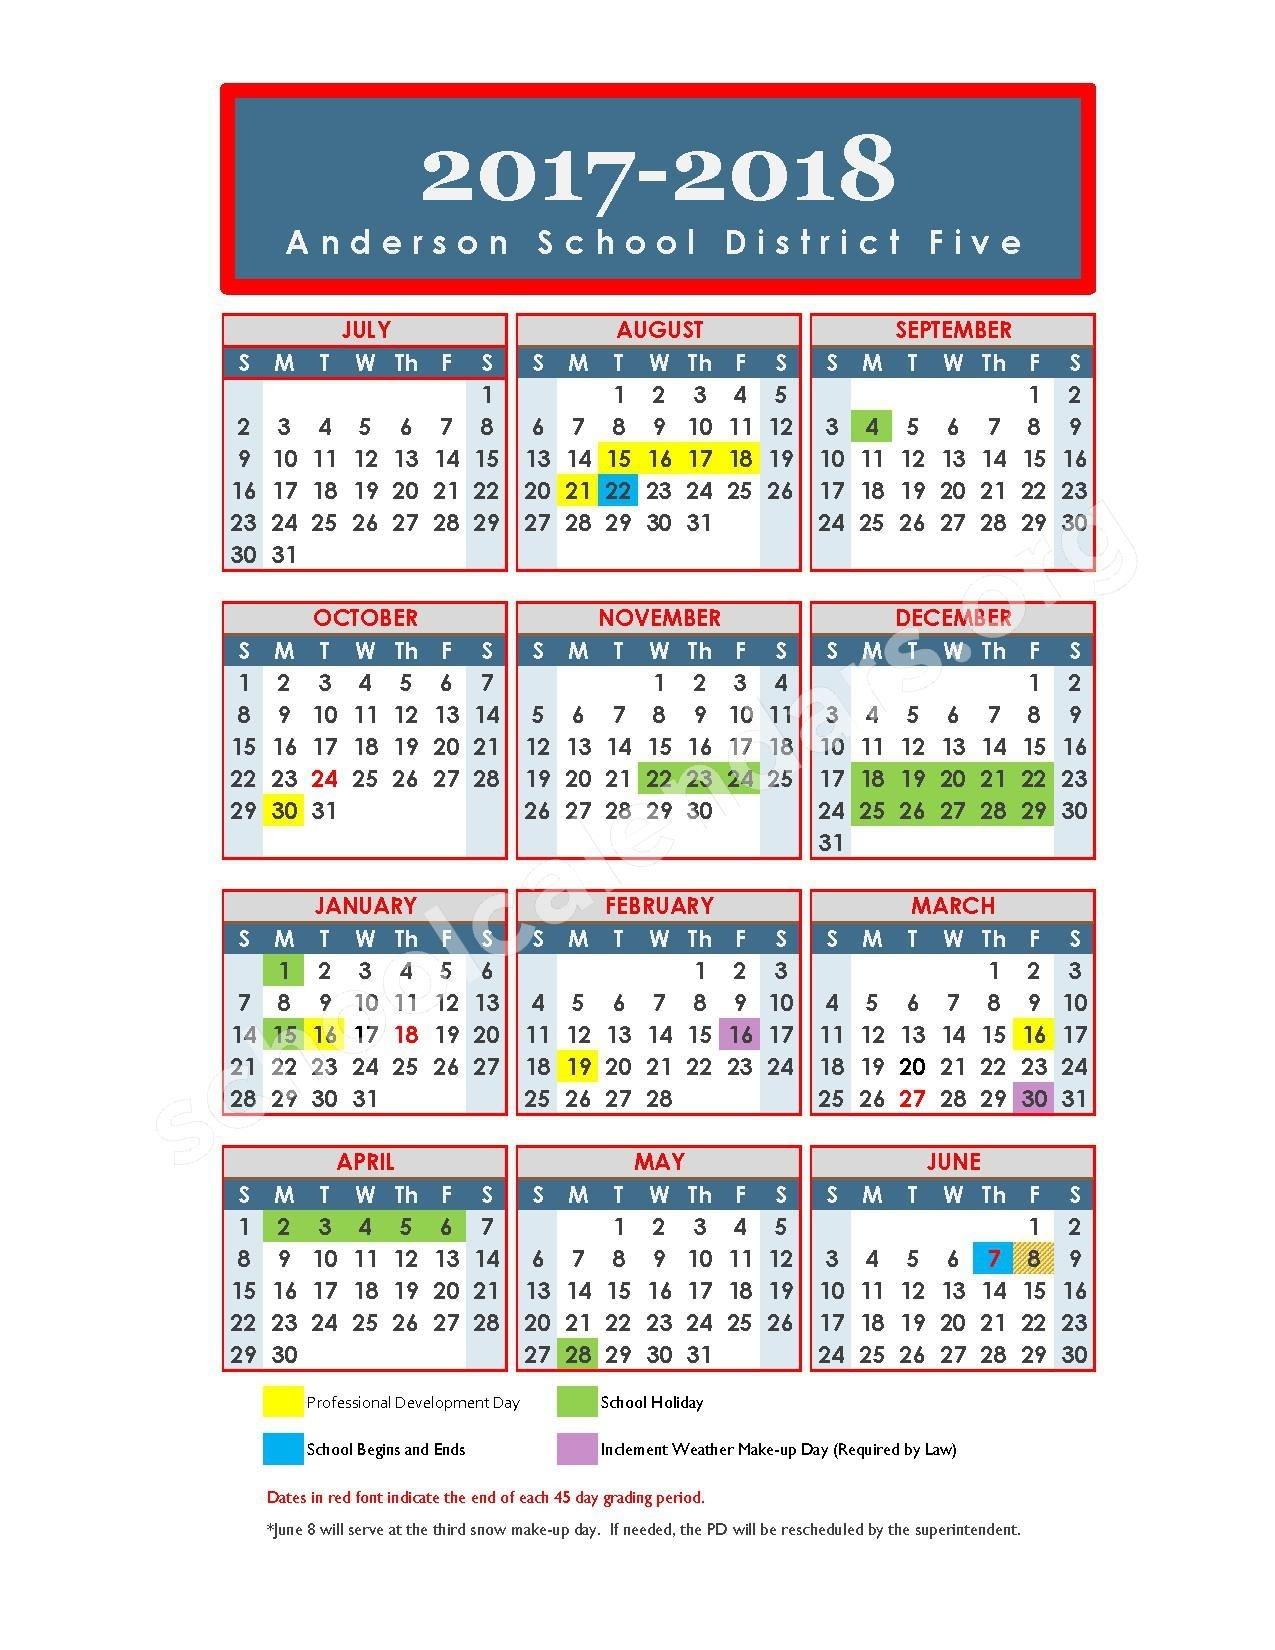 Anderson School District 5 Calendars – Anderson, Sc_Anderson 1 School Calendar